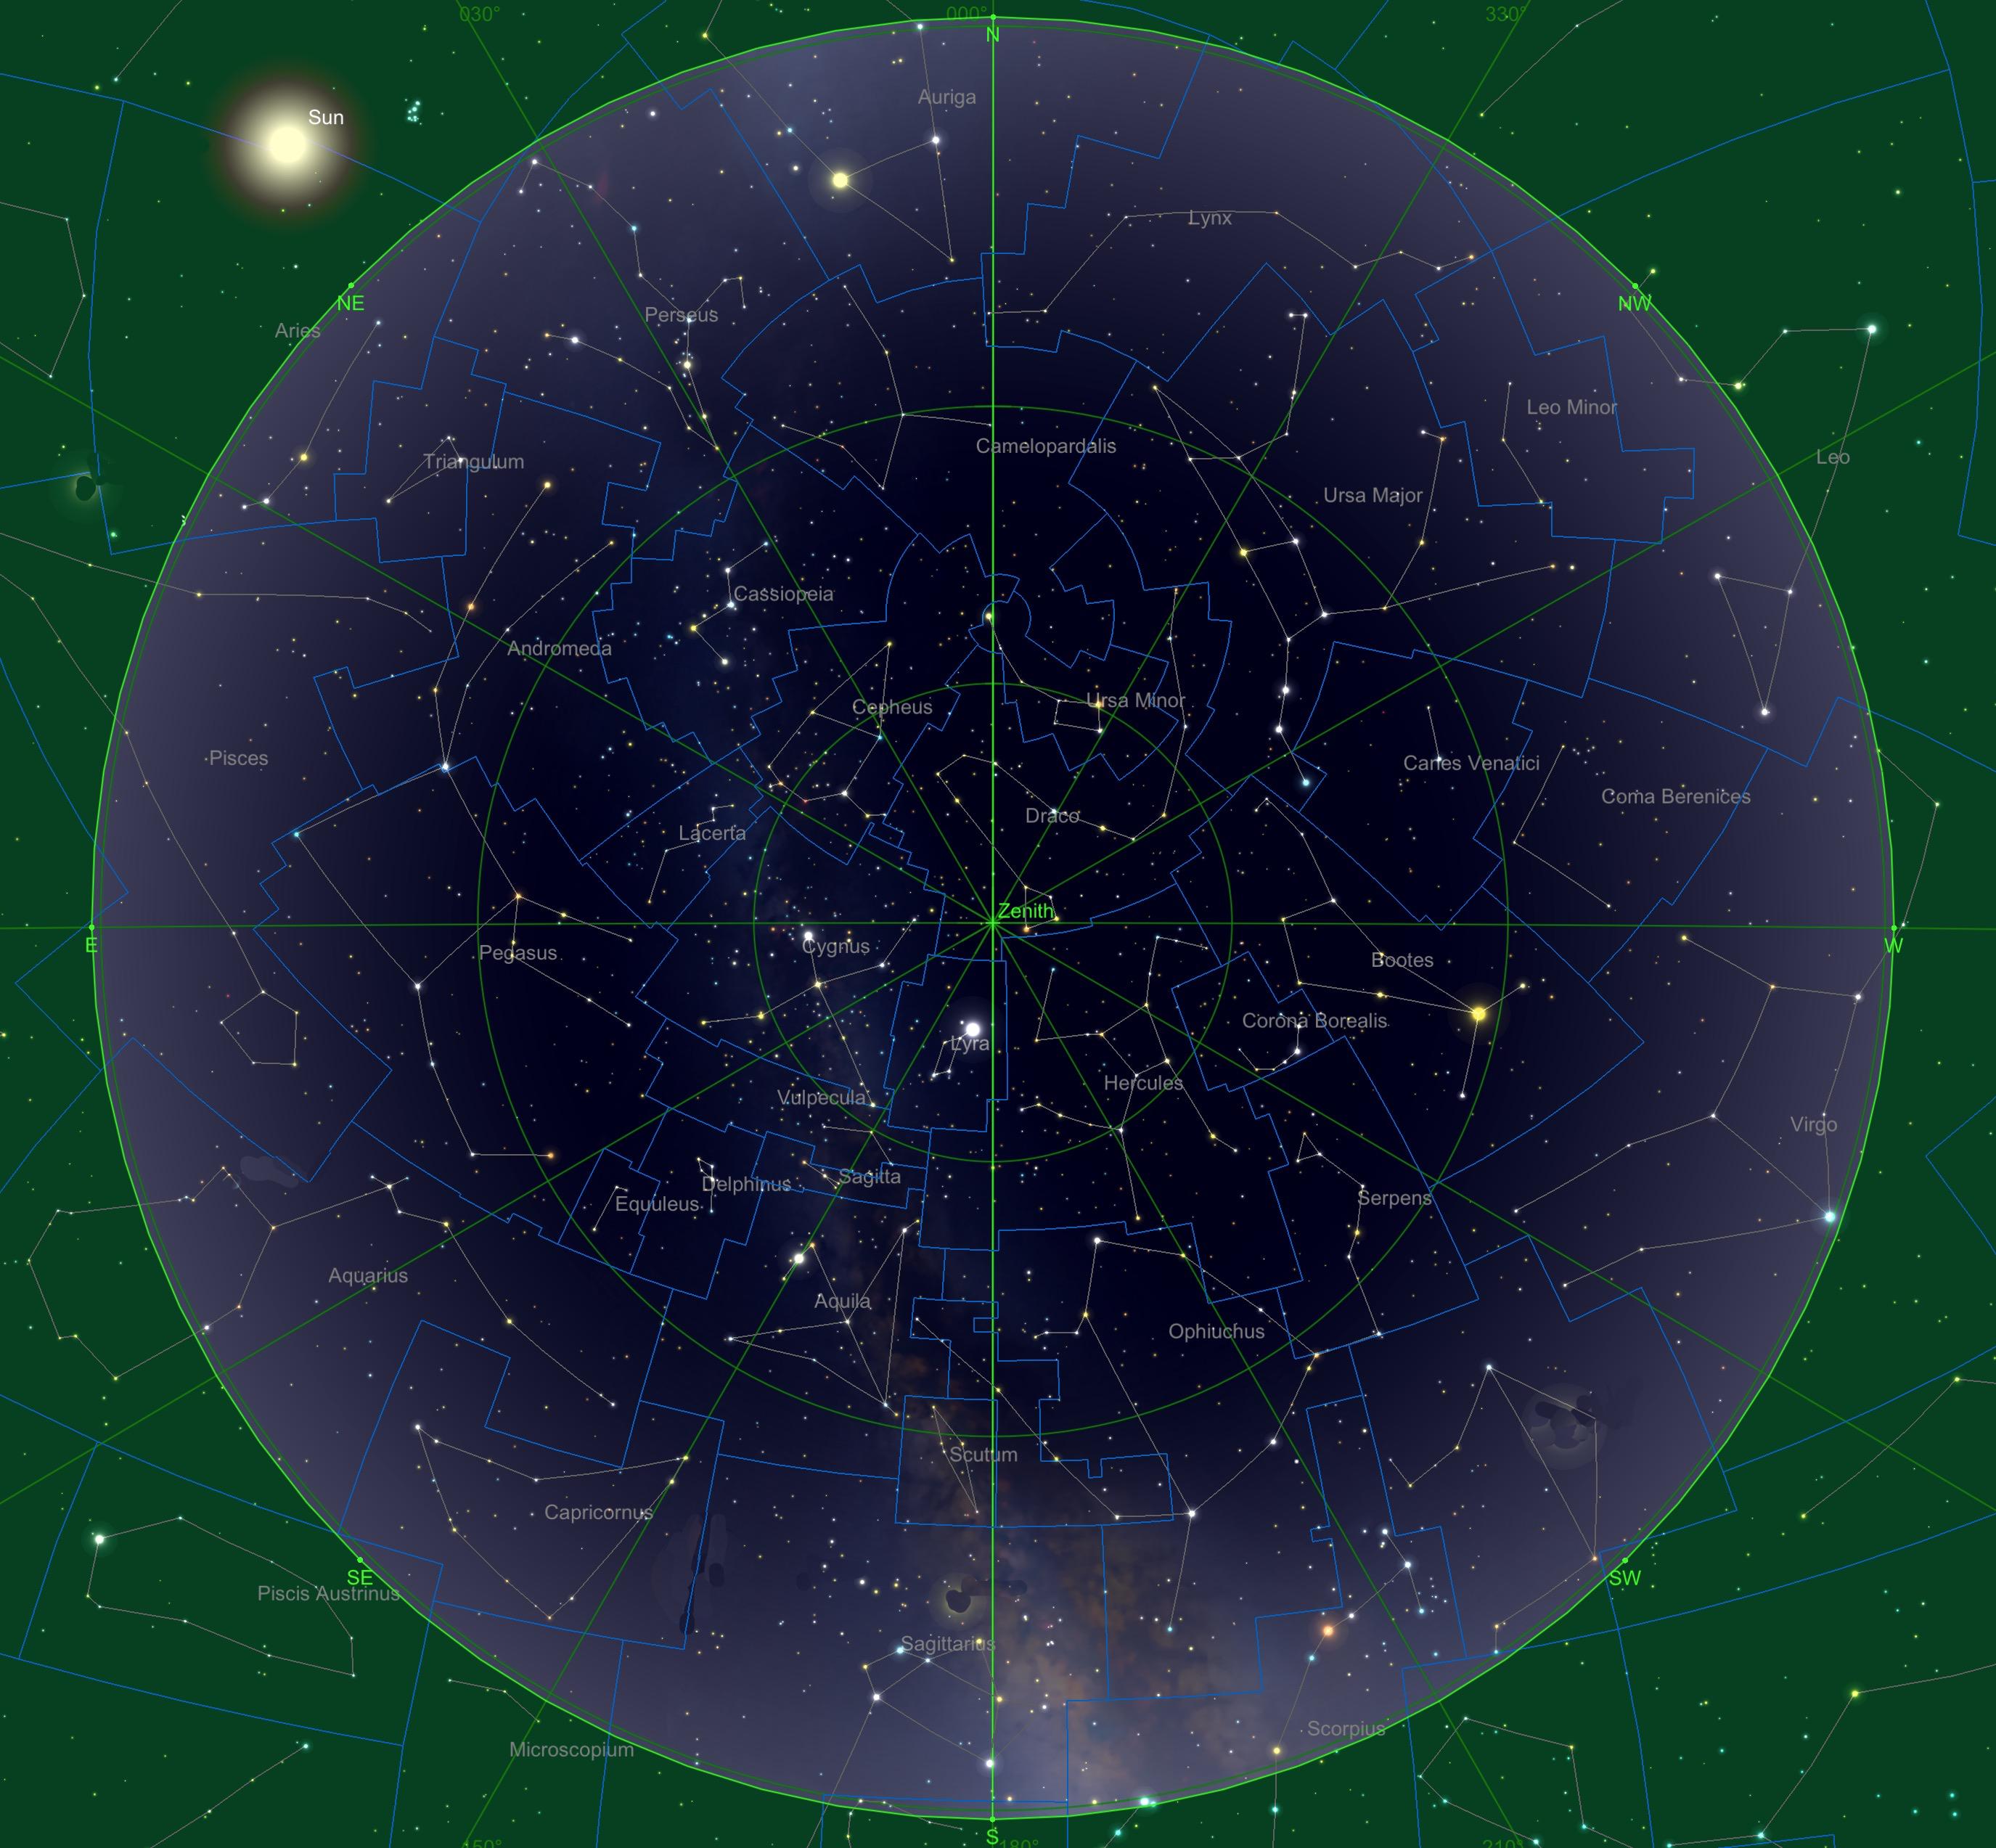 Sternhimmel am 15.04., 04:00 Uhr